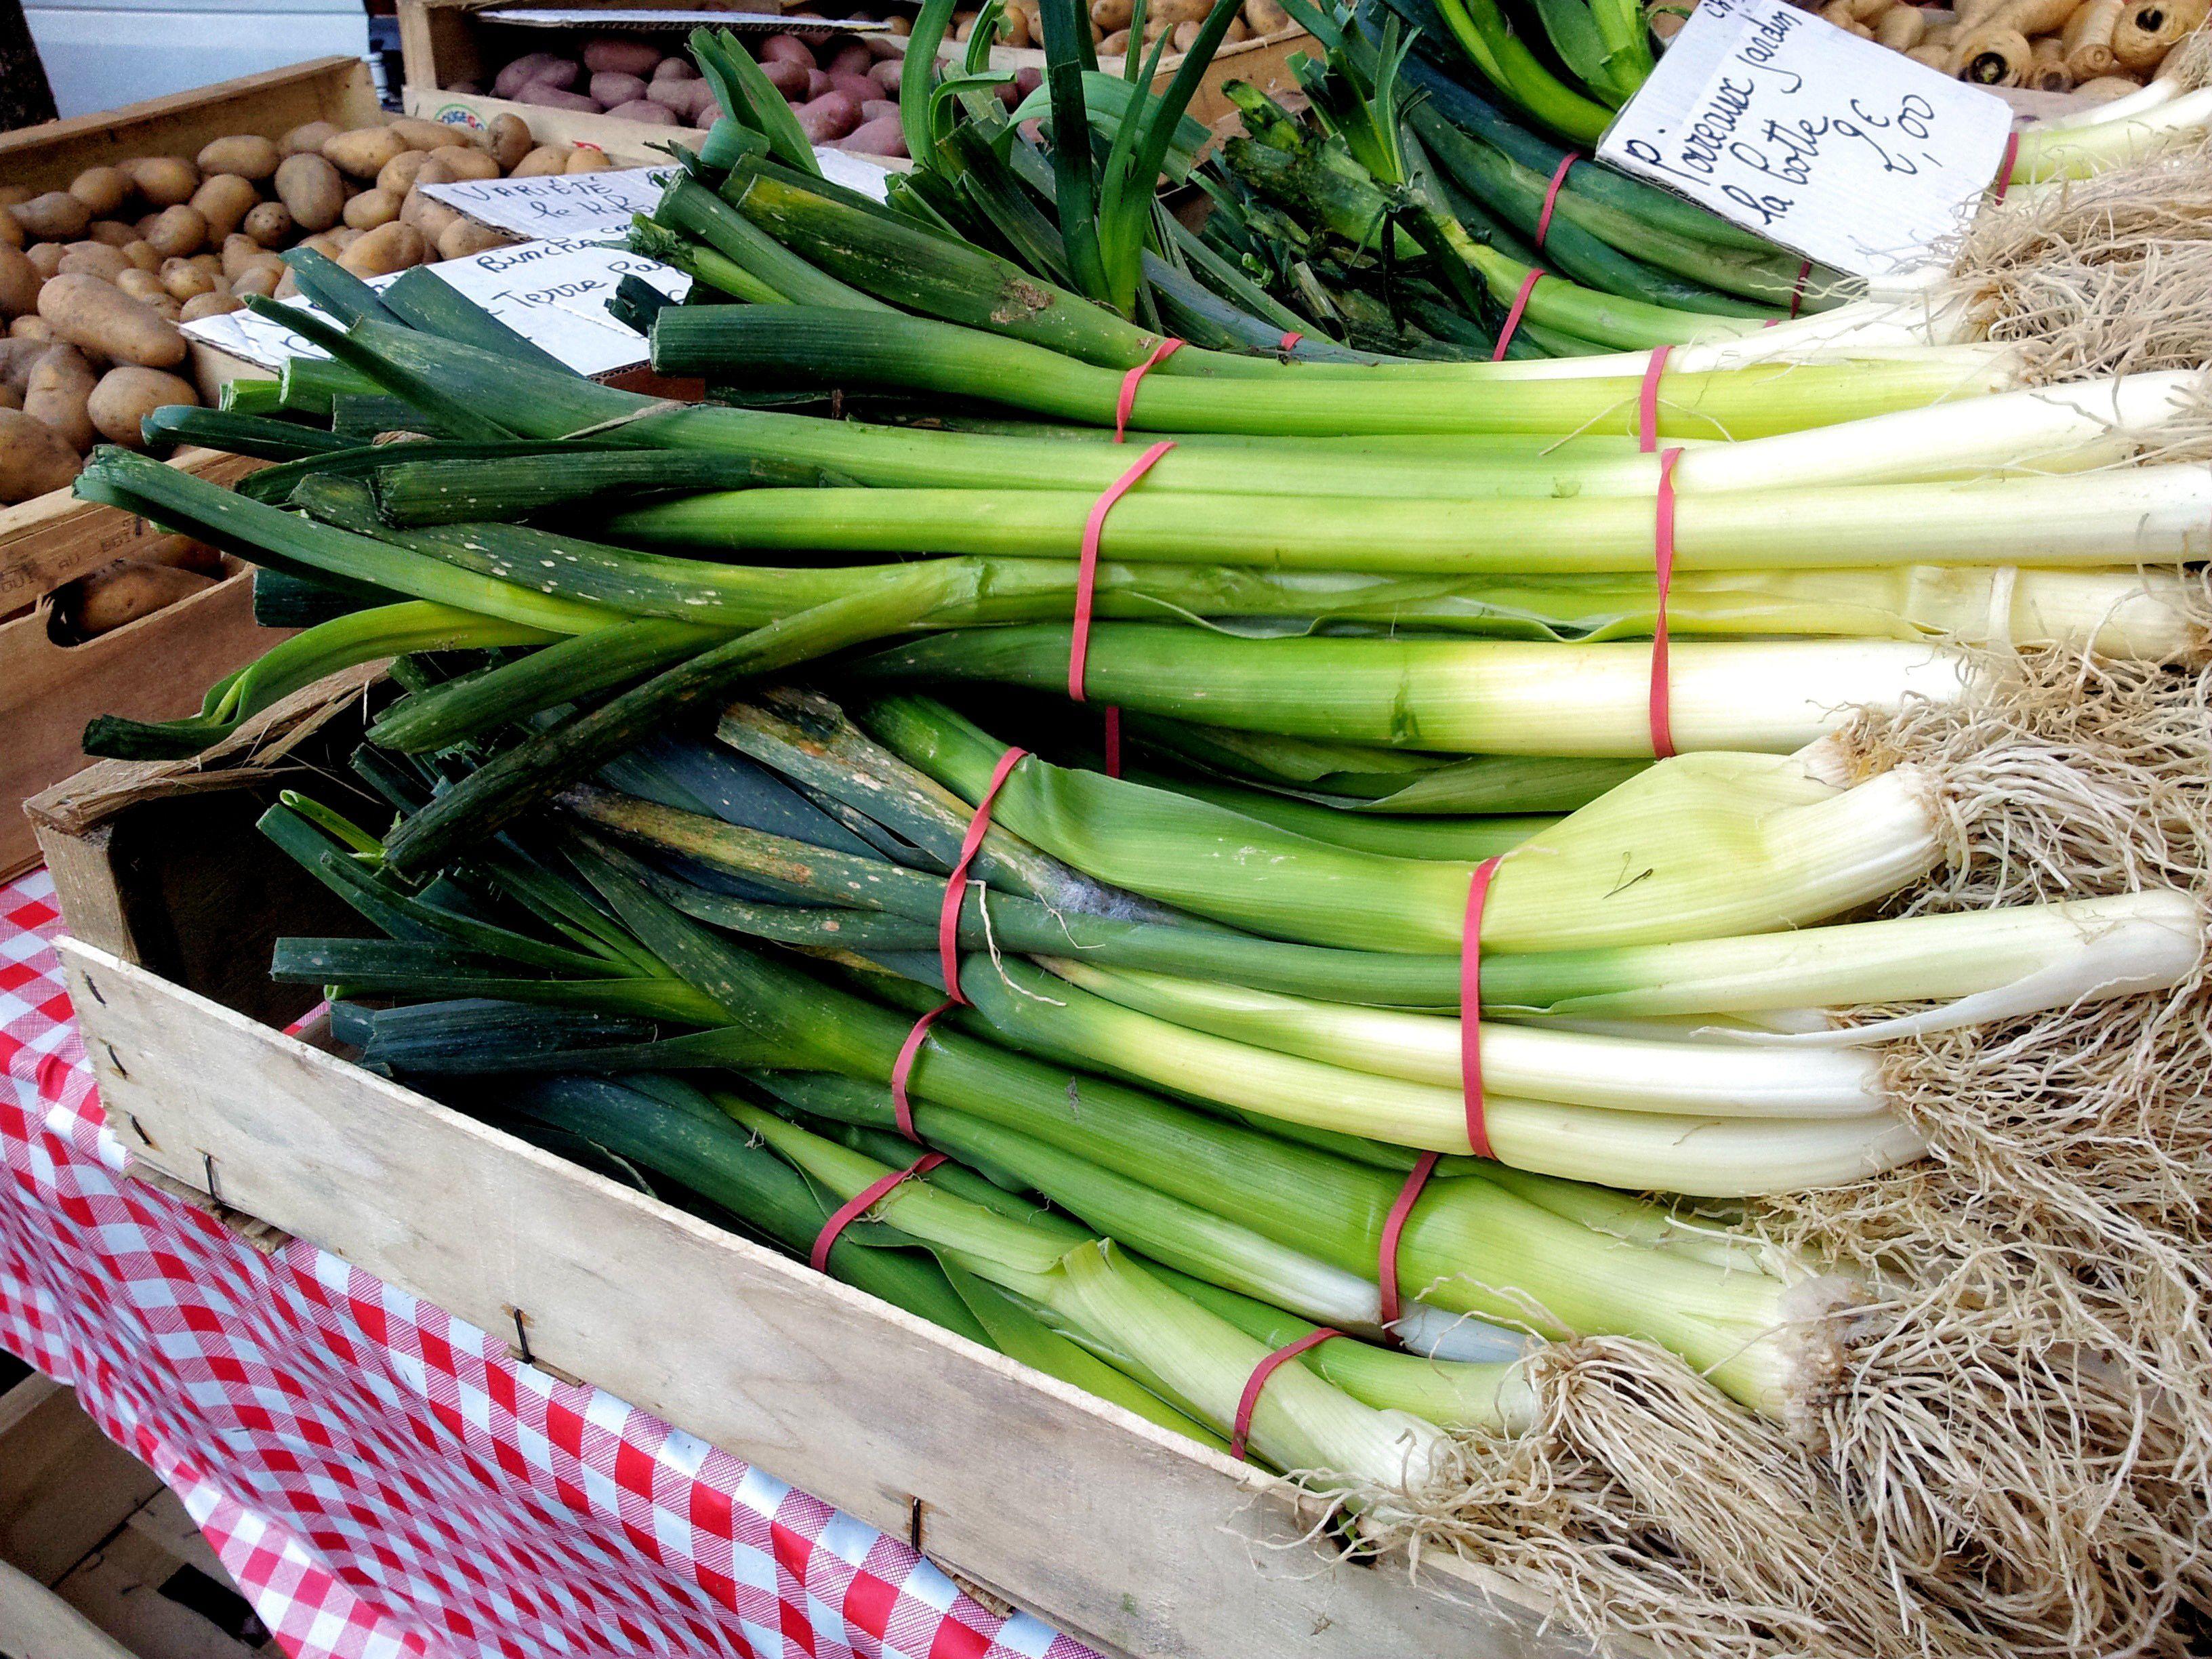 Leeks at a European Farmer's Market